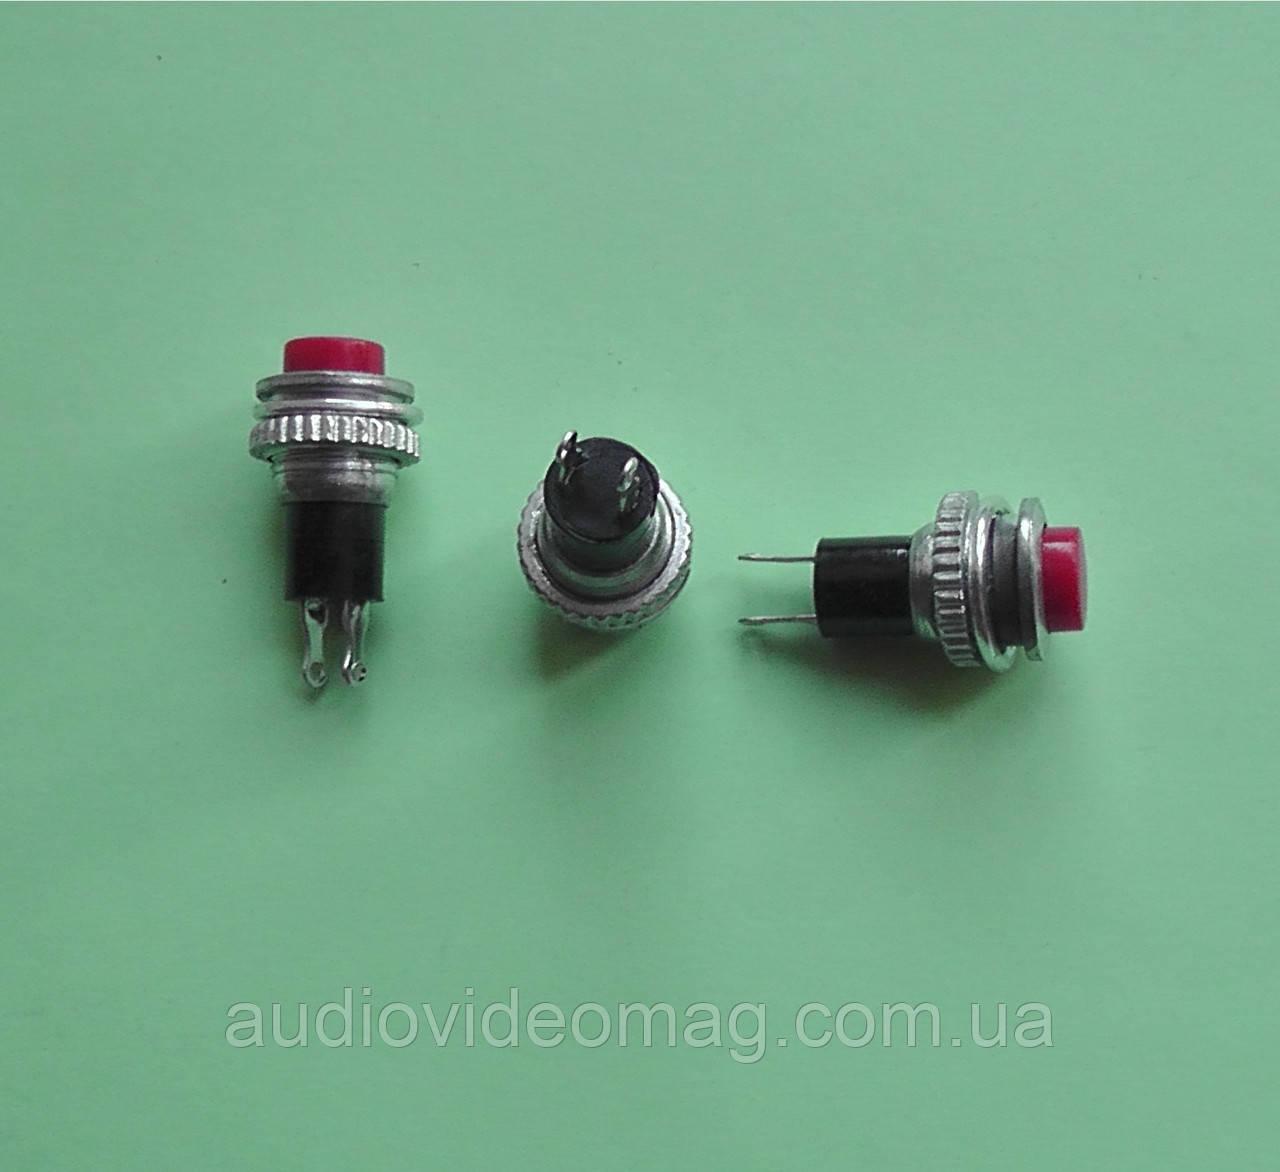 Пускова Кнопка без фіксації, мала, діаметр 9,6 мм, колір - червоний